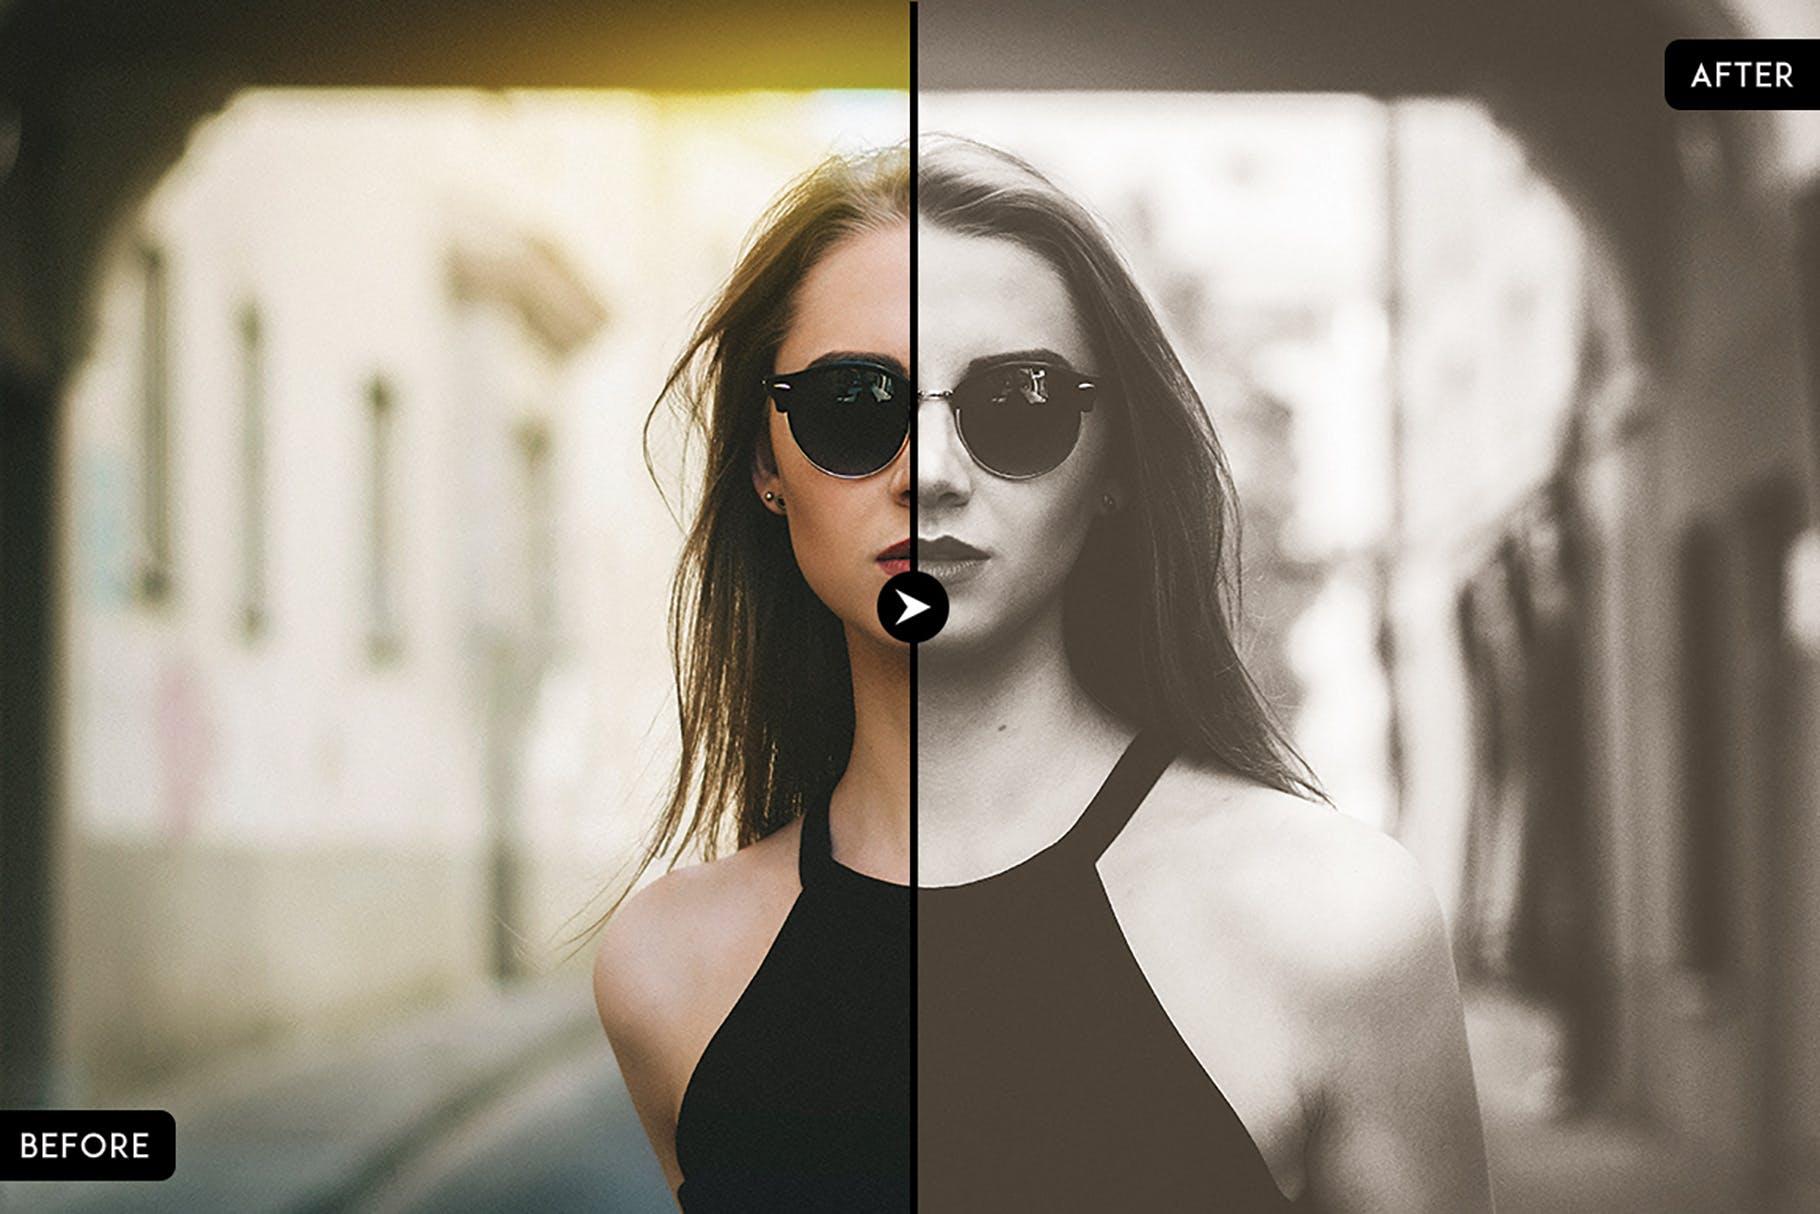 时尚人像照片lightroom人像预设lightroom预设下载设计素材模板